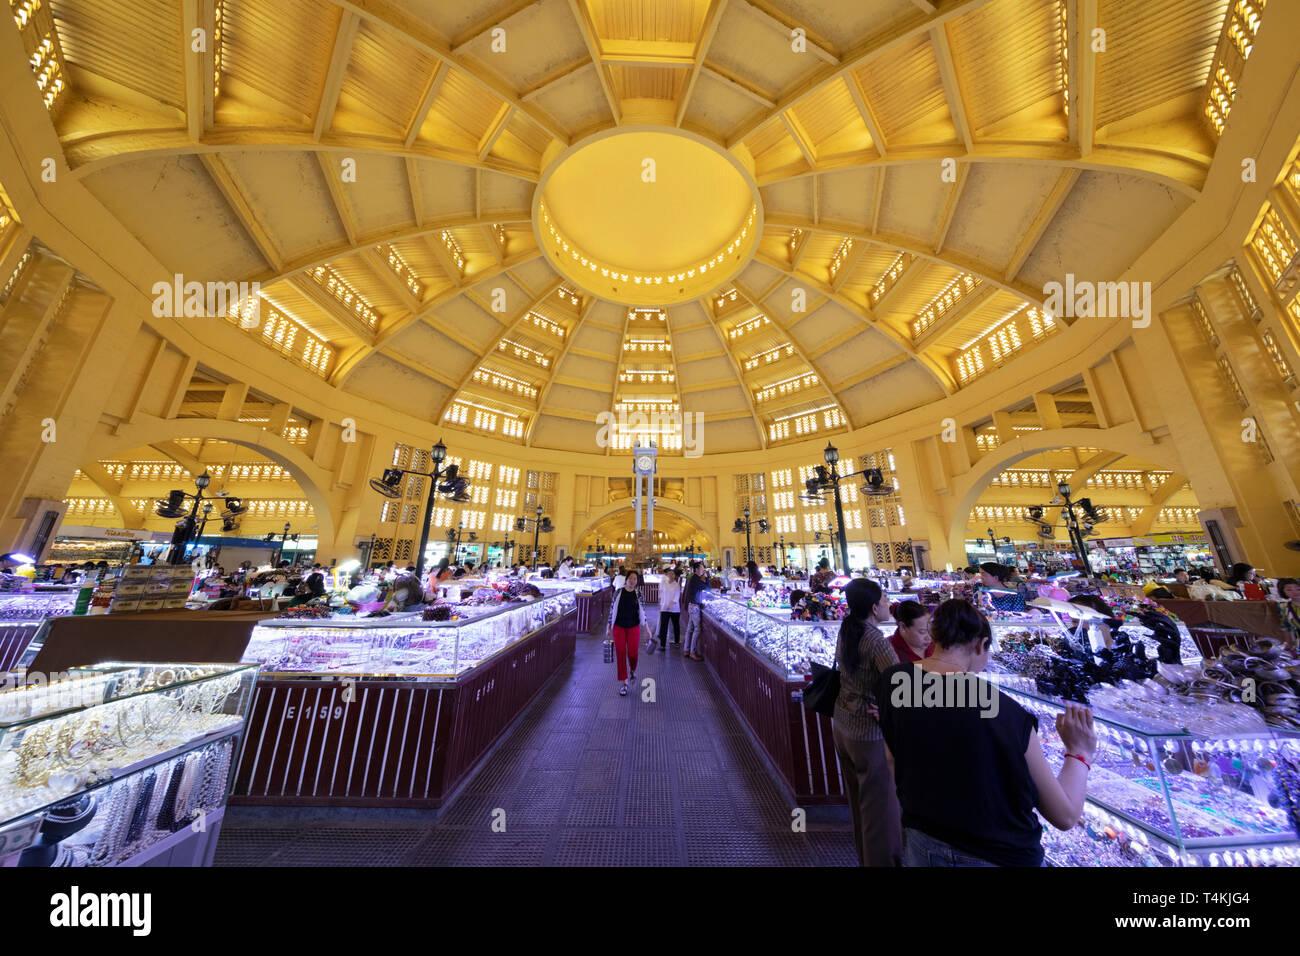 Innenraum der Art-deco Psar Thmei Markt (Mercado Central) im Schmuck abschnitt, Phnom Penh, Kambodscha, Südostasien, Asien Stockfoto